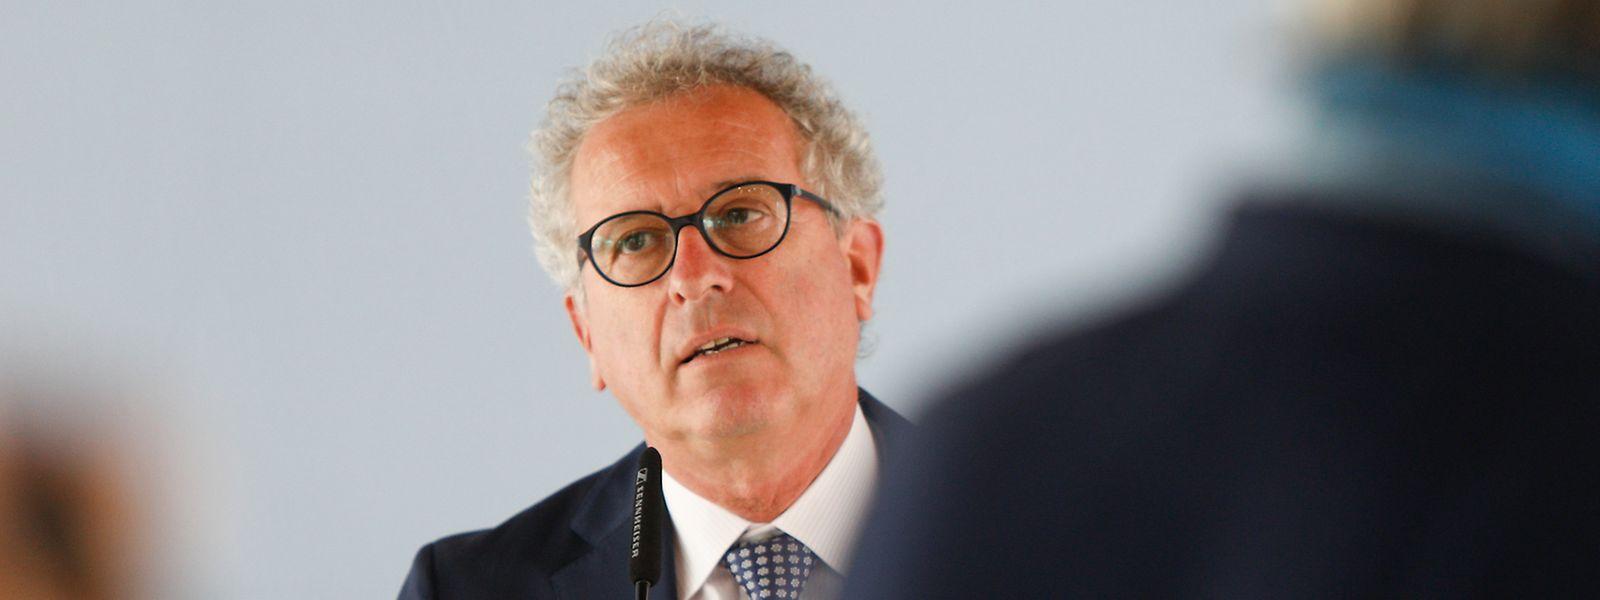 Pierre Gramegna rappelle que le Luxembourg réclame lui aussi des informations fiscales sur ses citoyens ayant d'éventuelles affaires à l'étranger. 18 demandes ont ainsi été adressées par l'ACD.